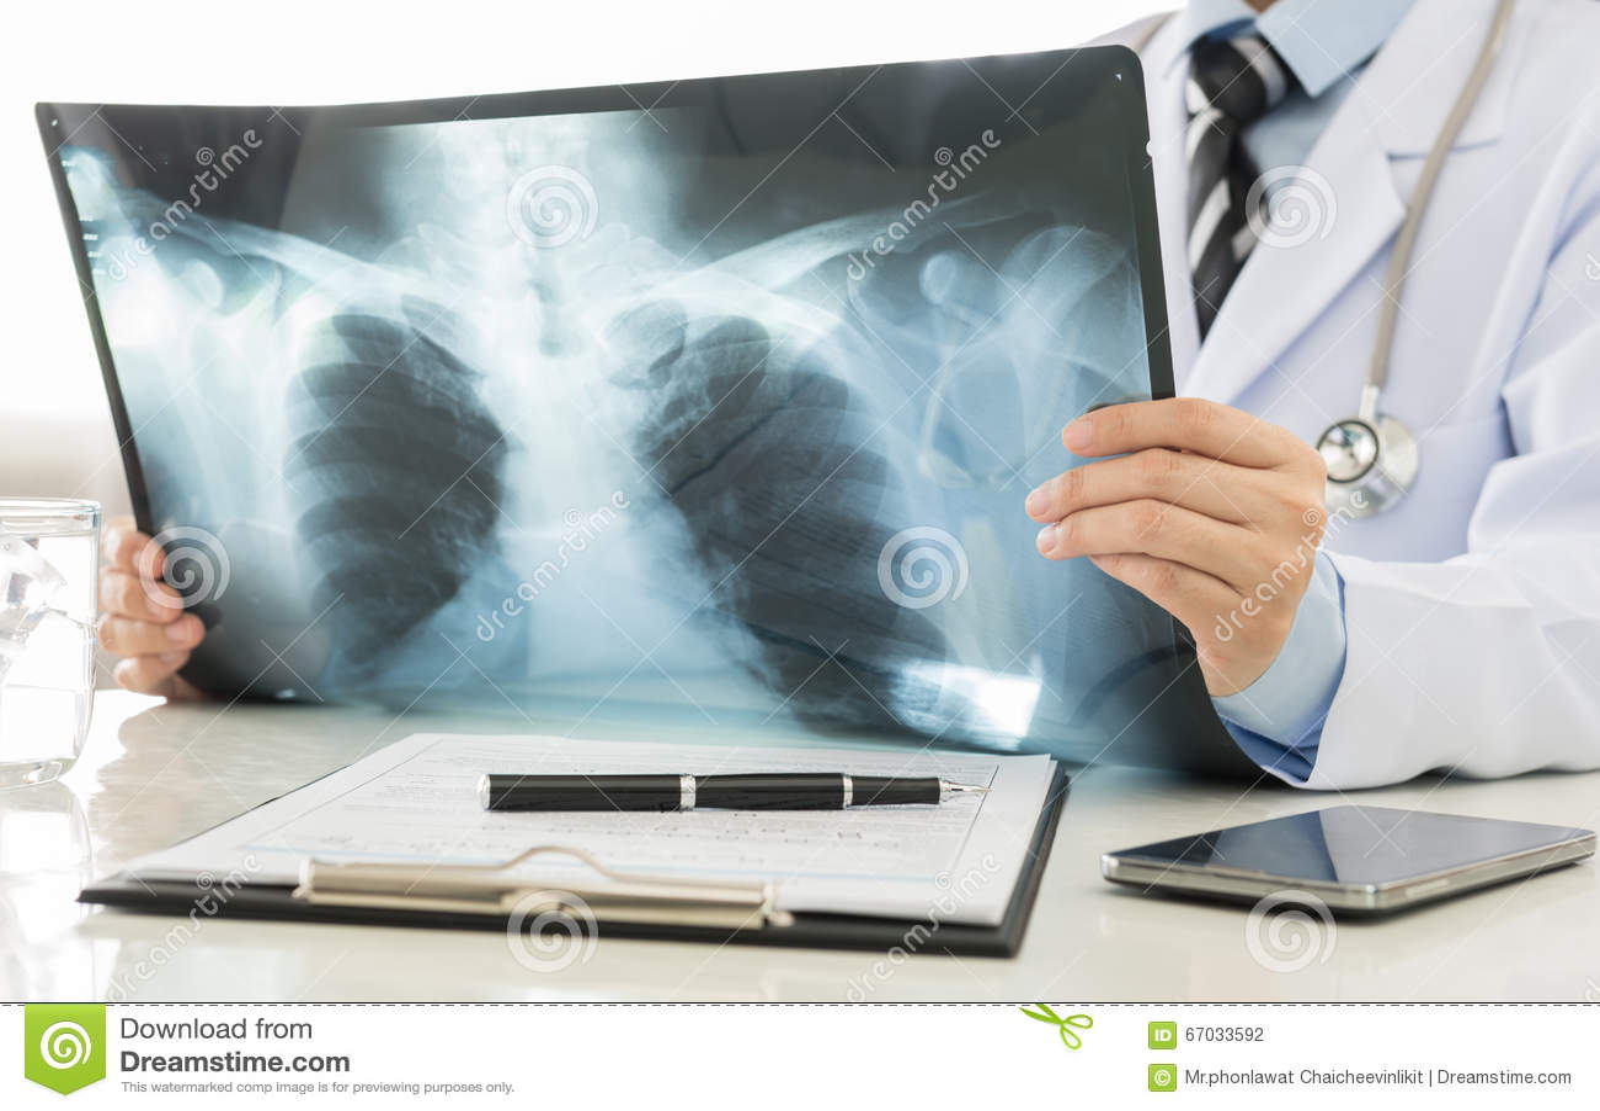 Röntgenstrahl